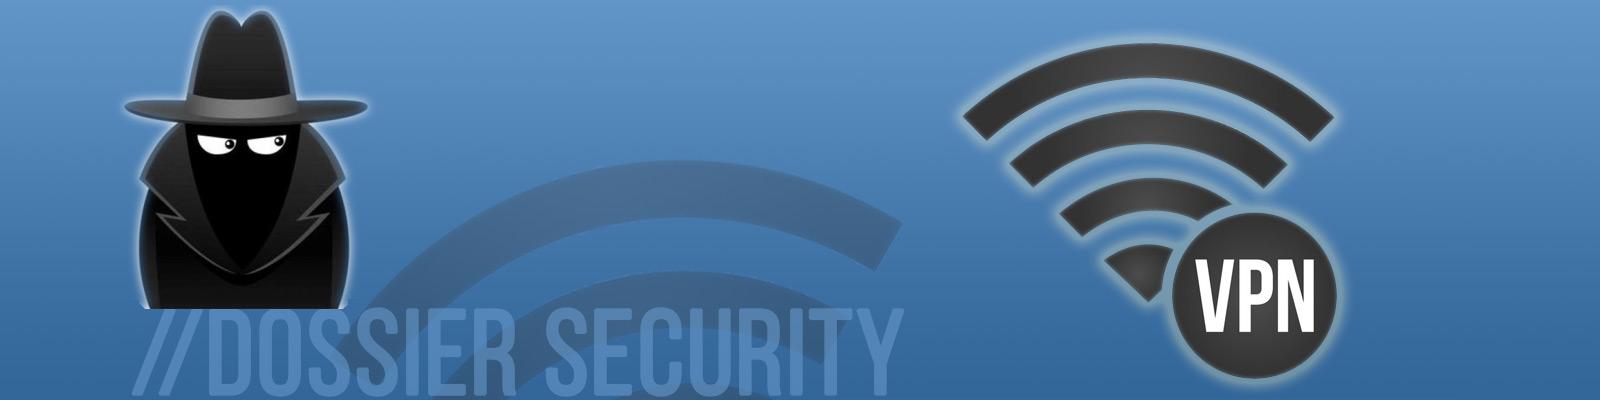 Dossier Security - Openbare Wifi en VPN